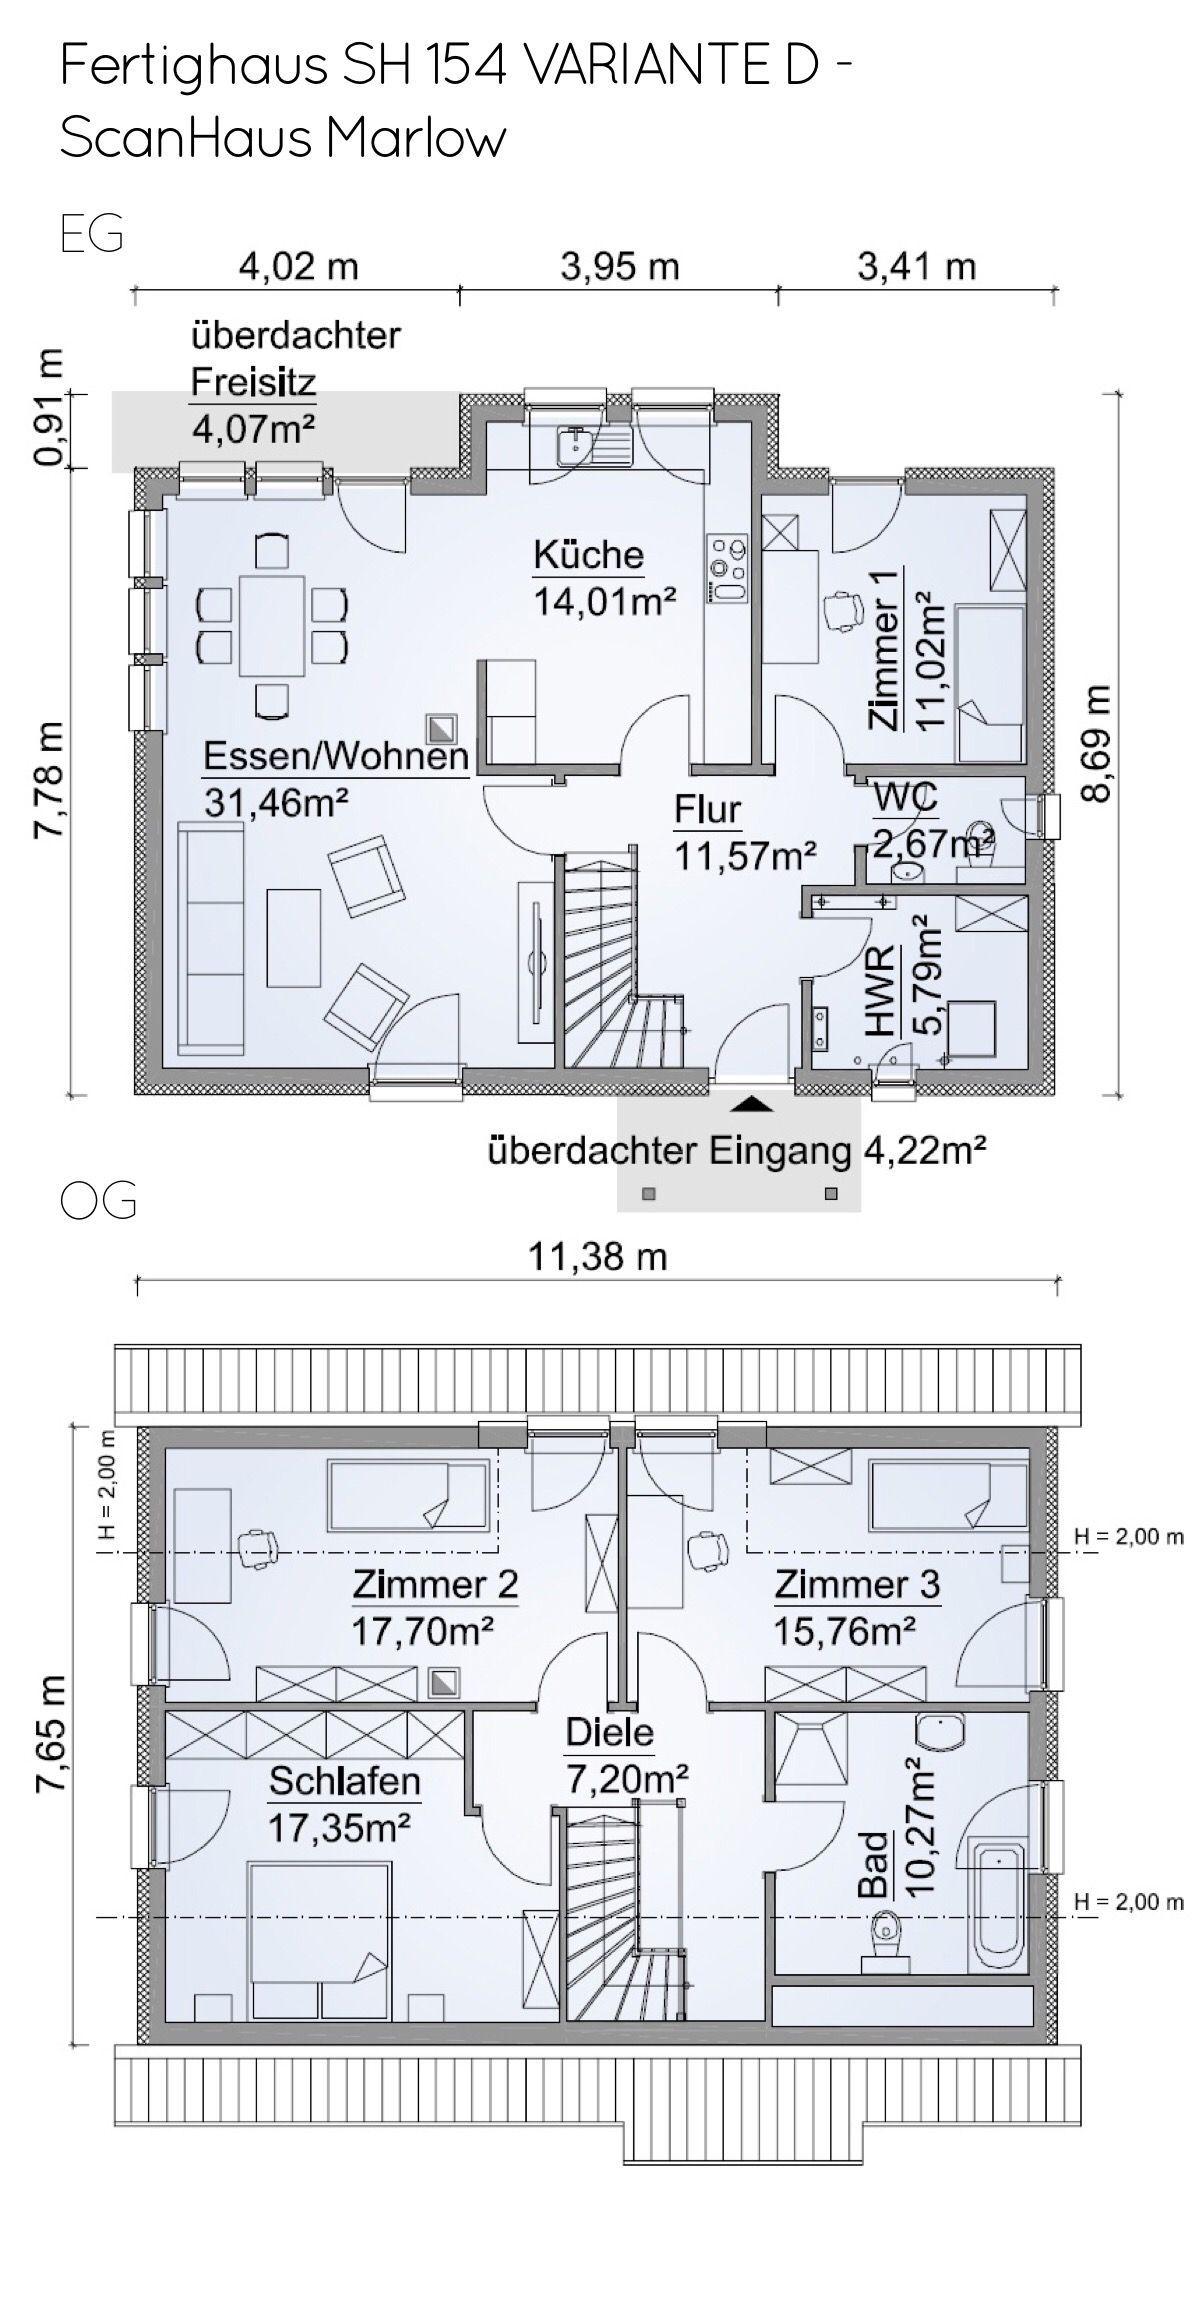 Grundriss Einfamilienhaus mit Erker 5 Zimmer, ca. 130 qm